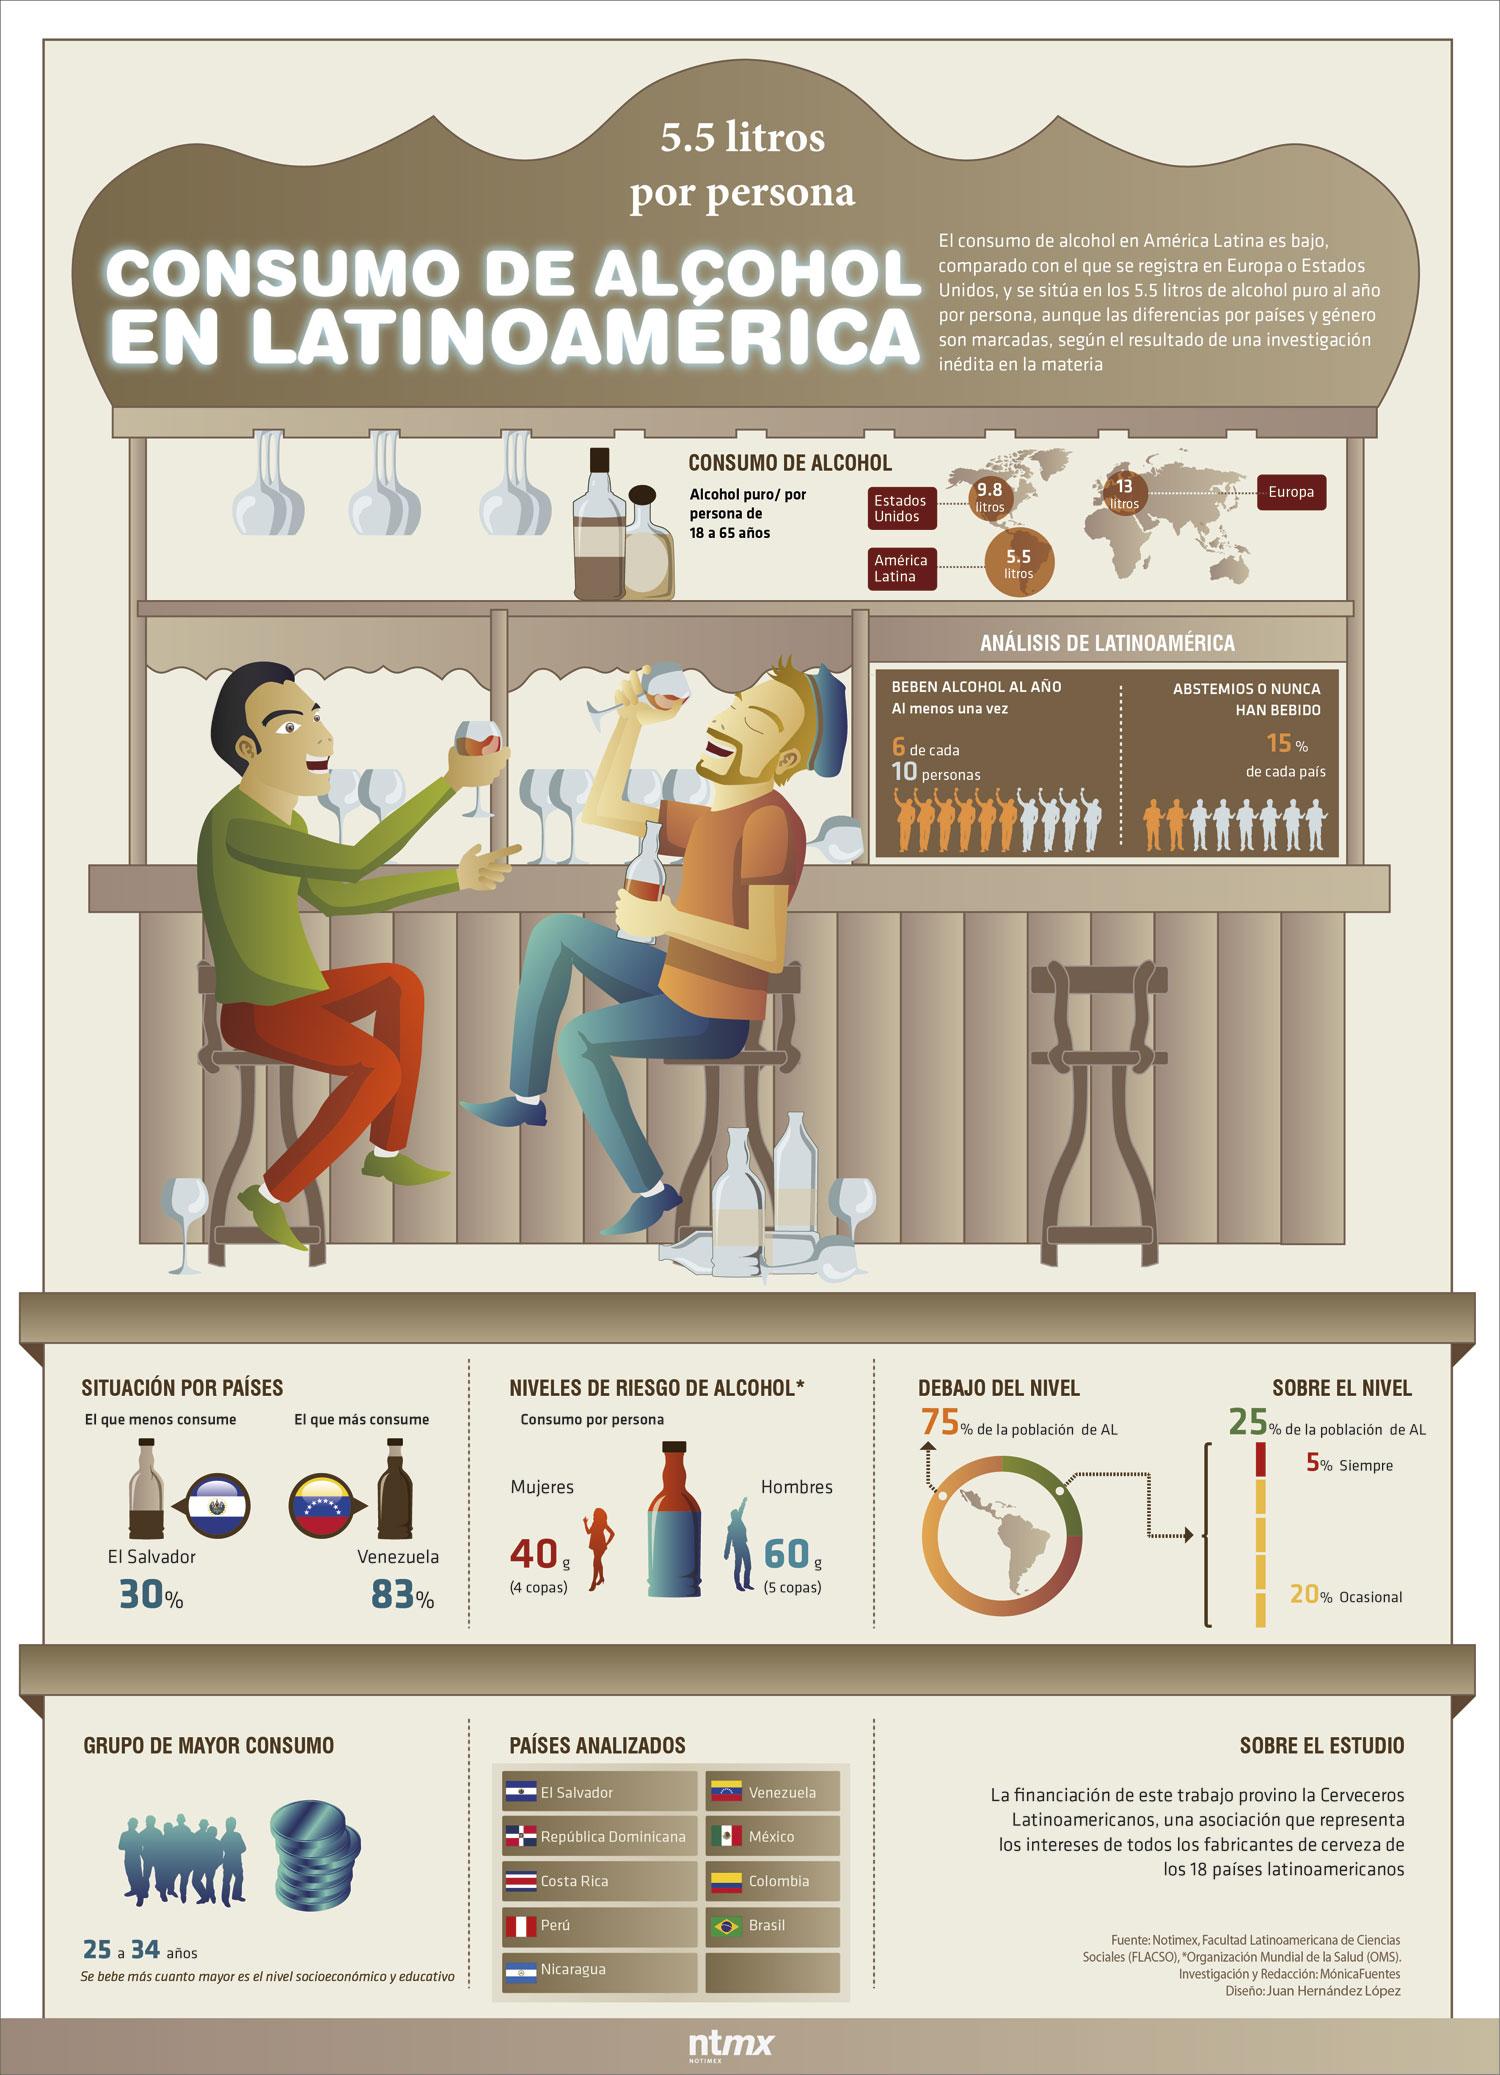 Consumo de alcohol en Latinoamérica